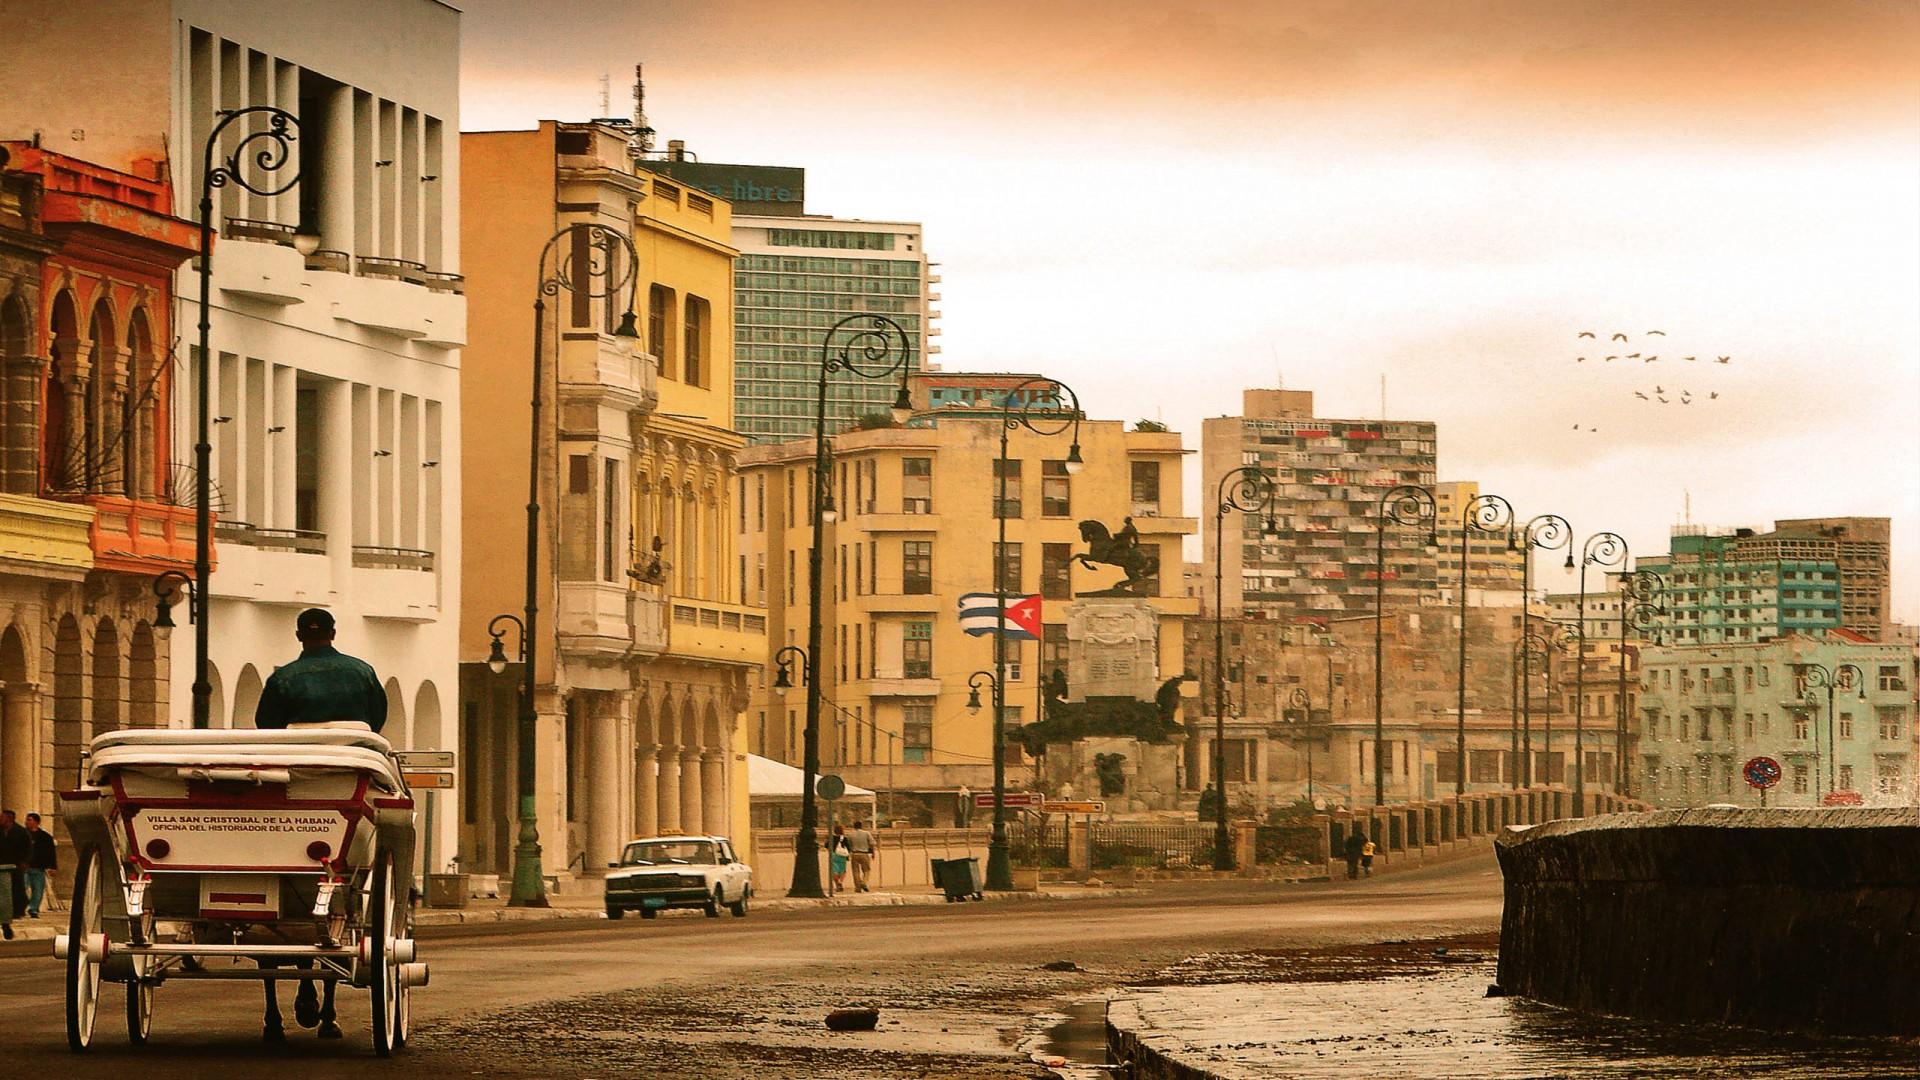 andare a vivere a Cuba